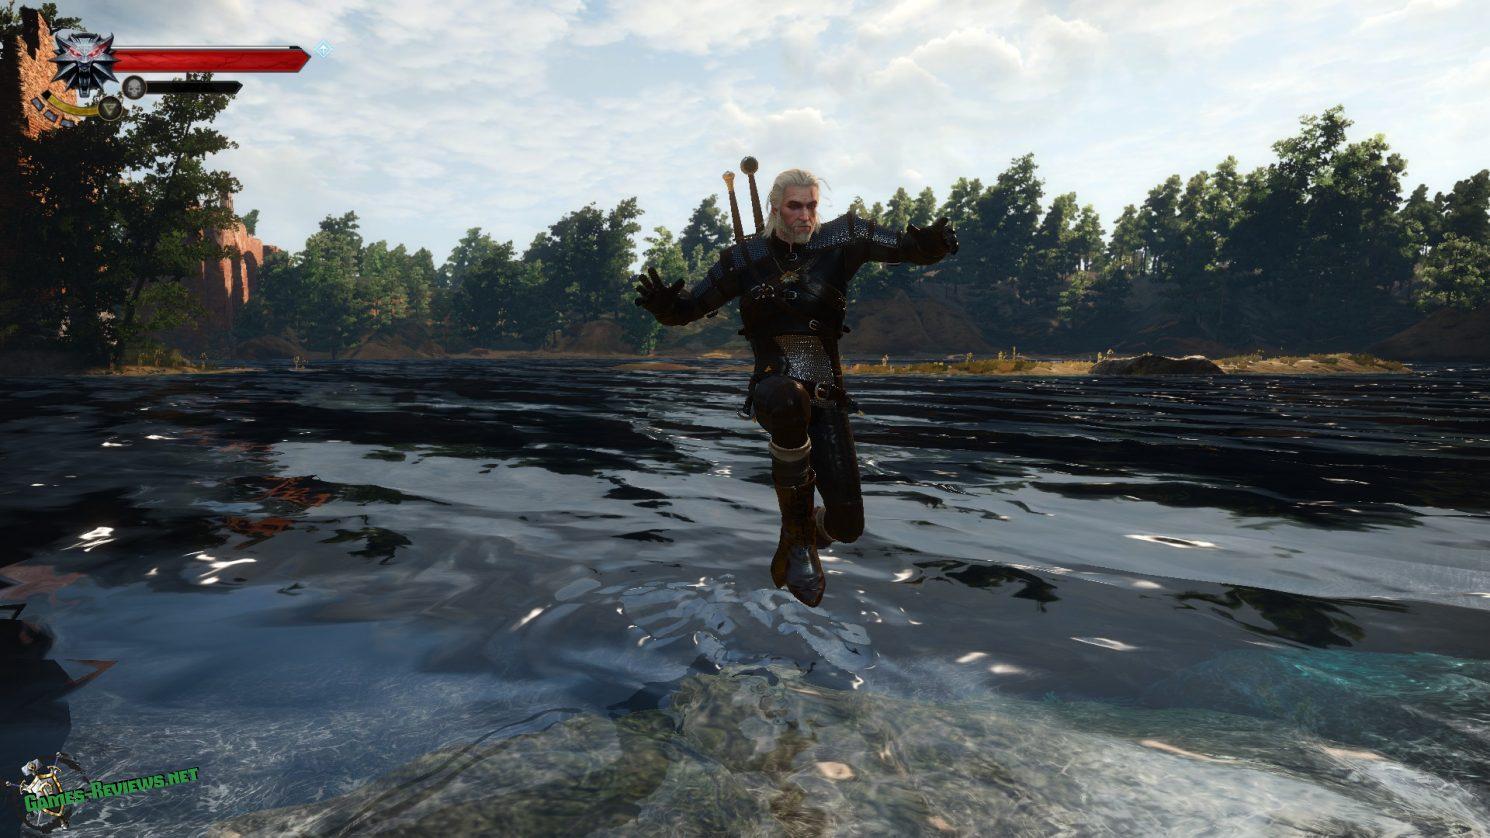 Прыжки в воде